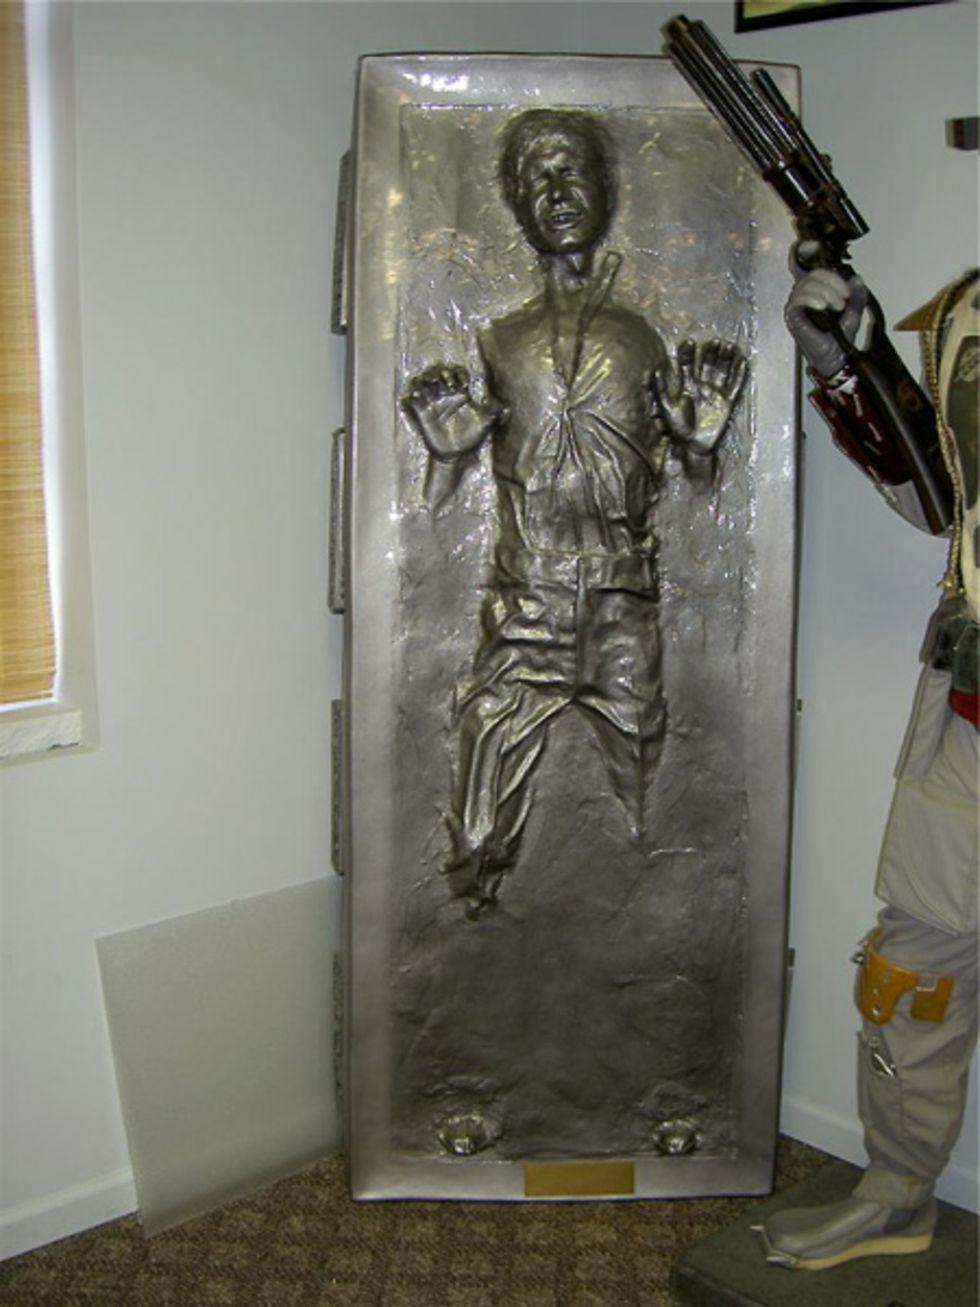 Köp Han Solo på eBay